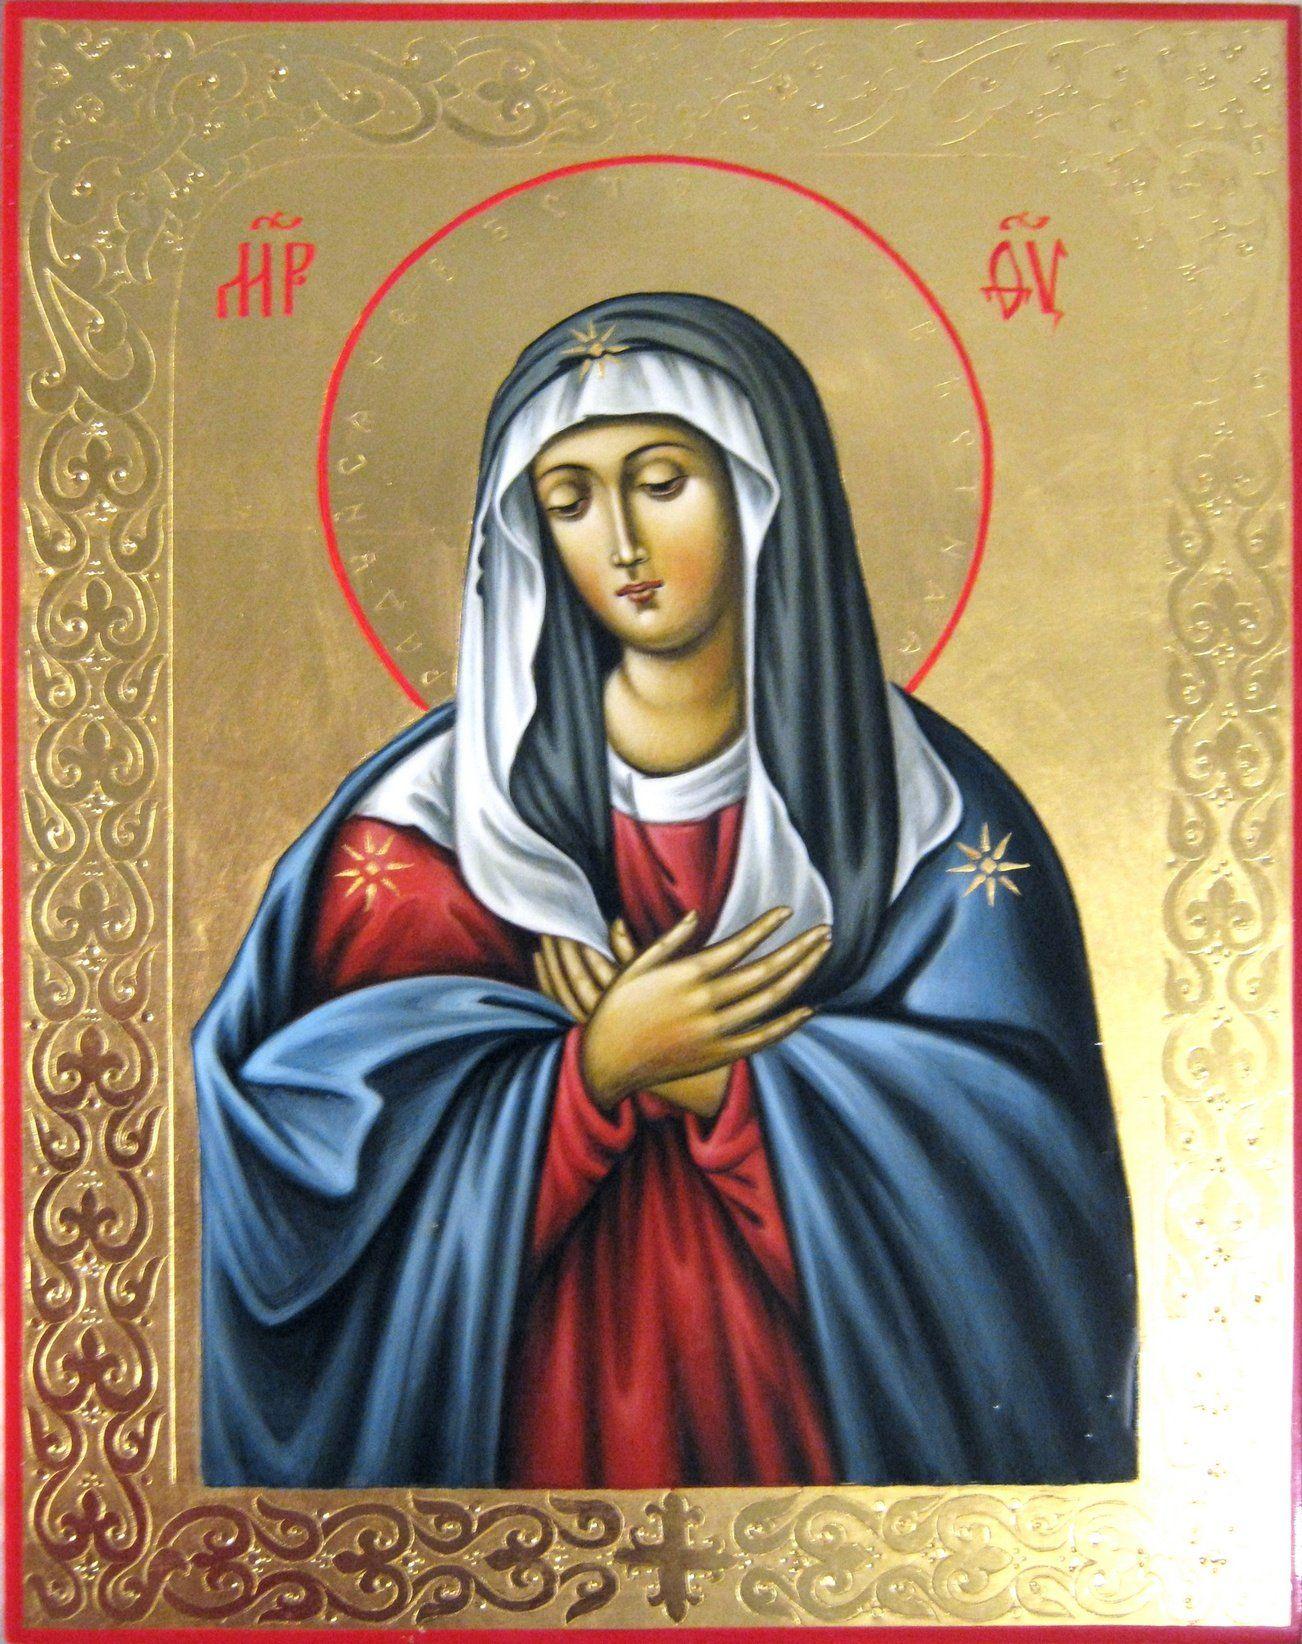 Сегодня праздник явления Казанской иконы Богоматери встолицеРТ отметят крестным ходом